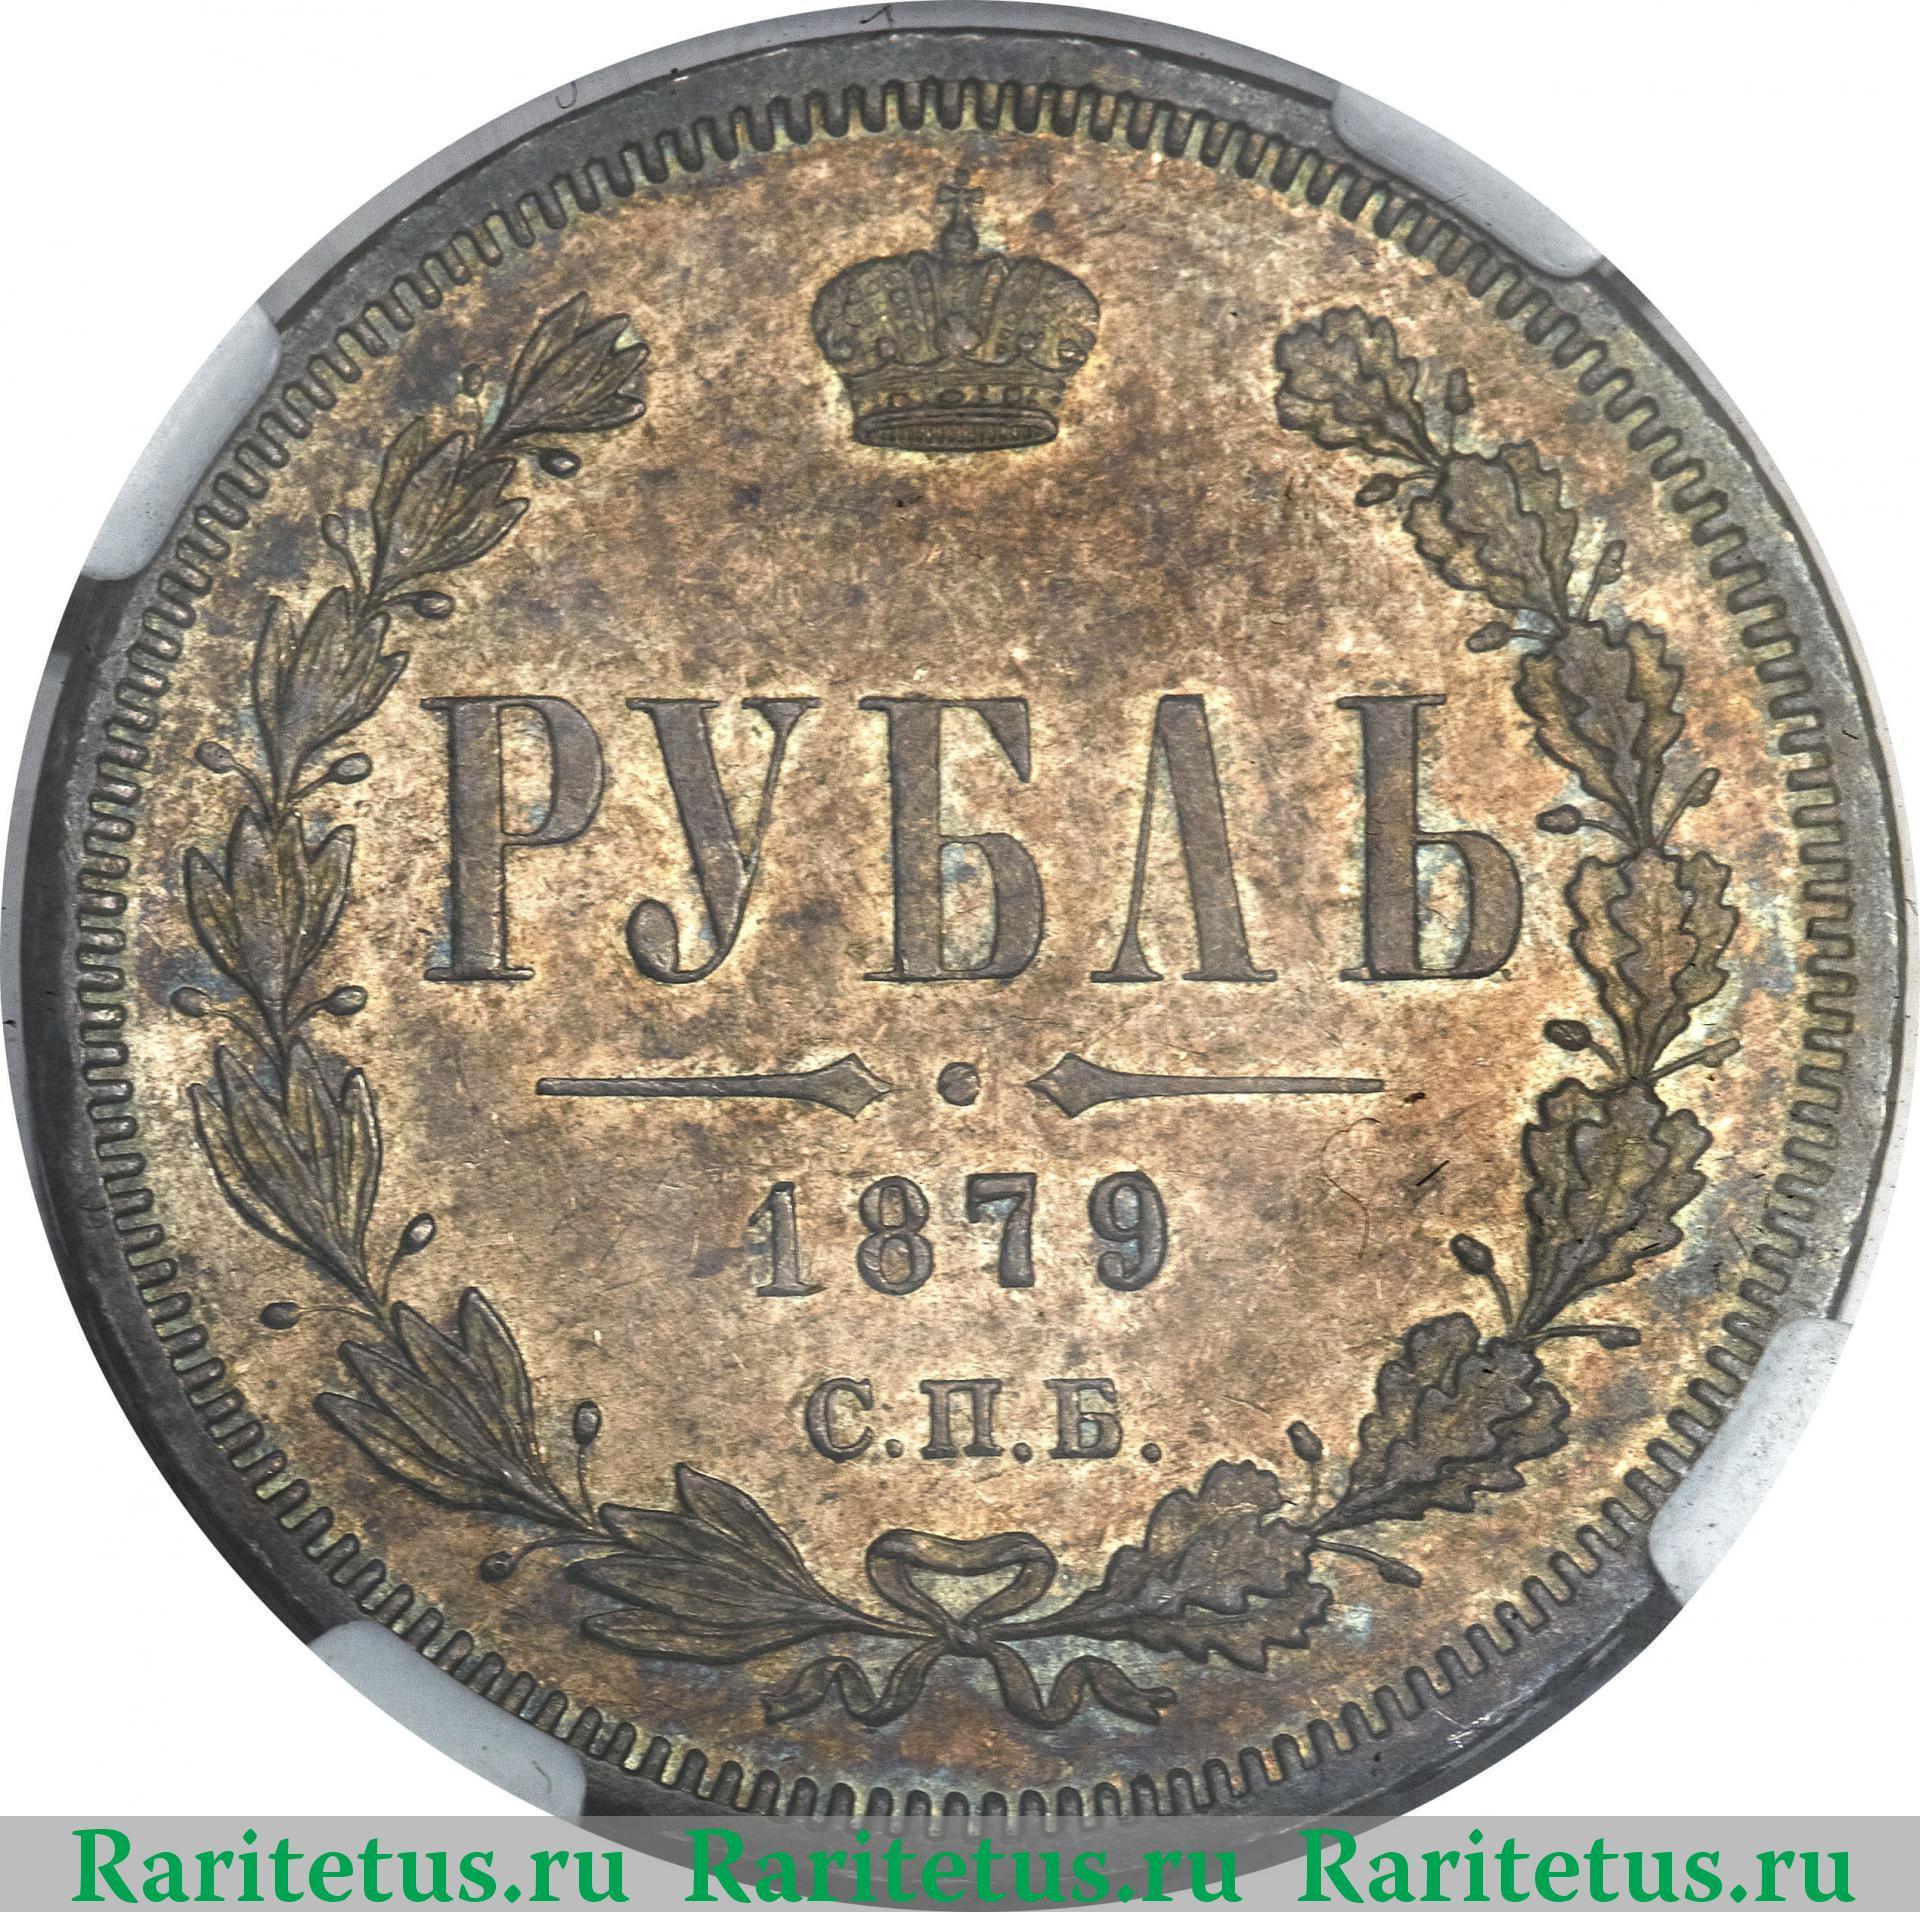 Монеты 1879 года стоимость венецианская монета 5 букв